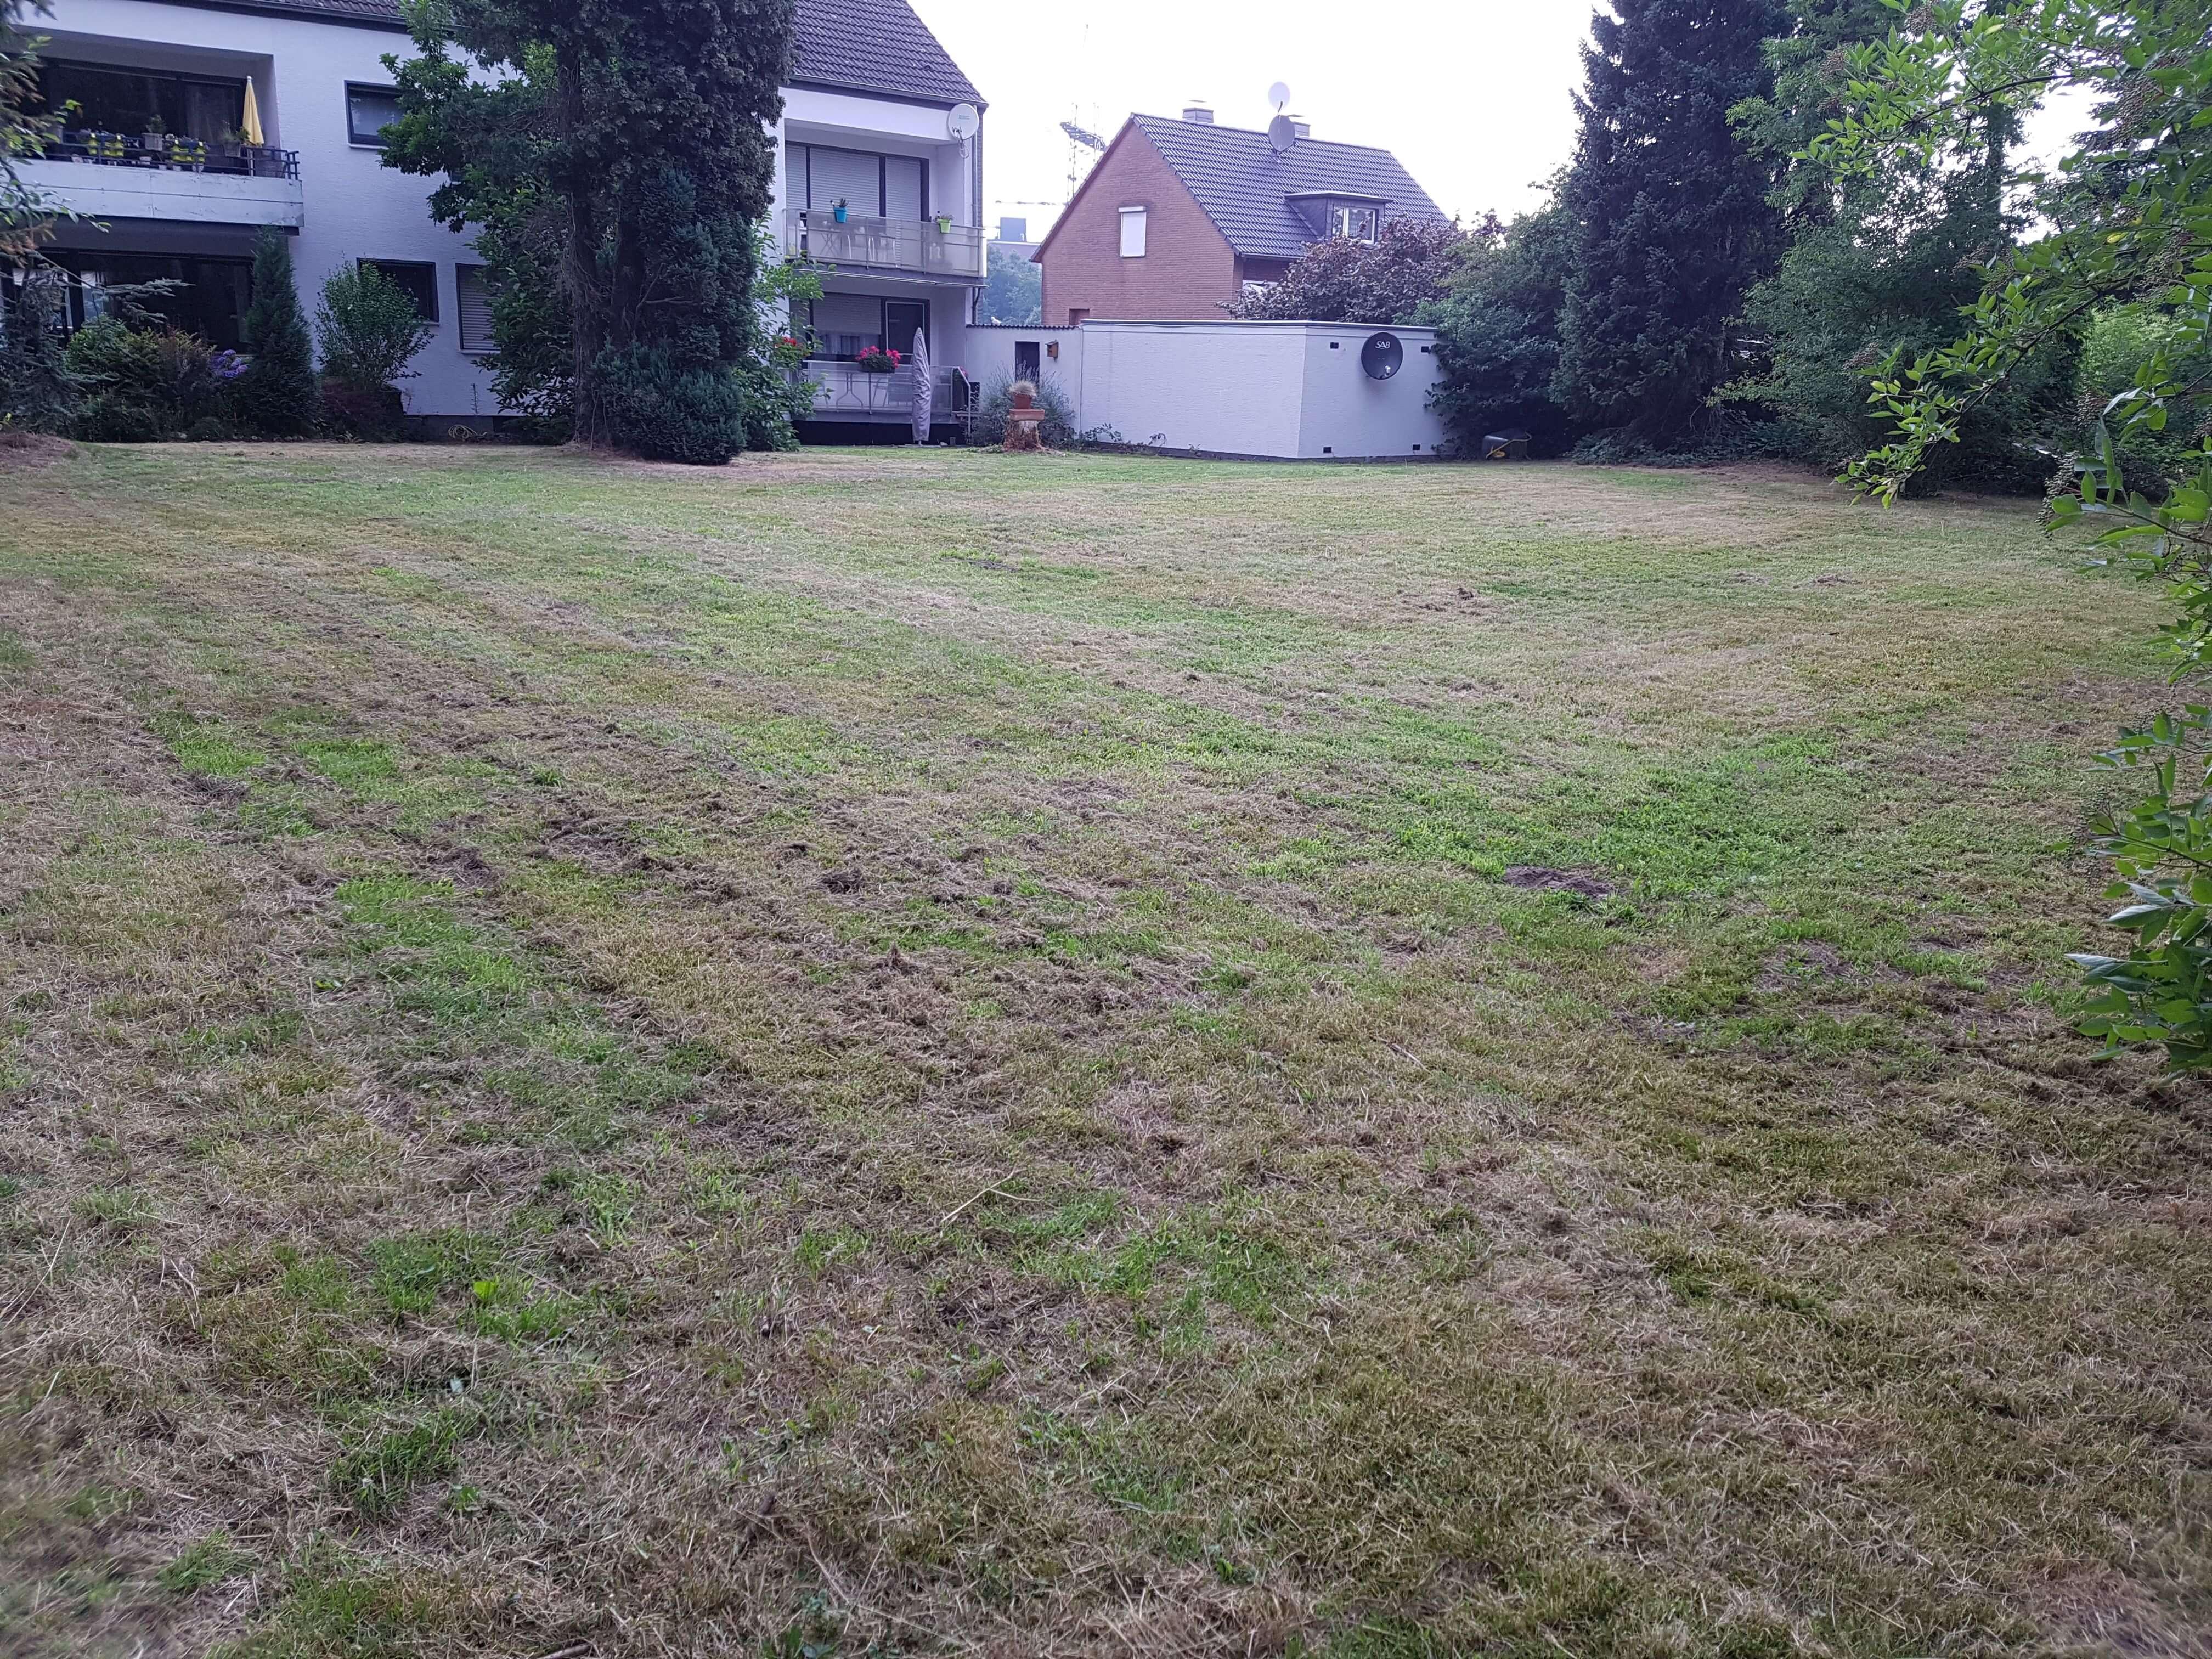 1.1Rasen mähen_Gärtner Dortmund_Garten- und landschaftsbau Dortmund1